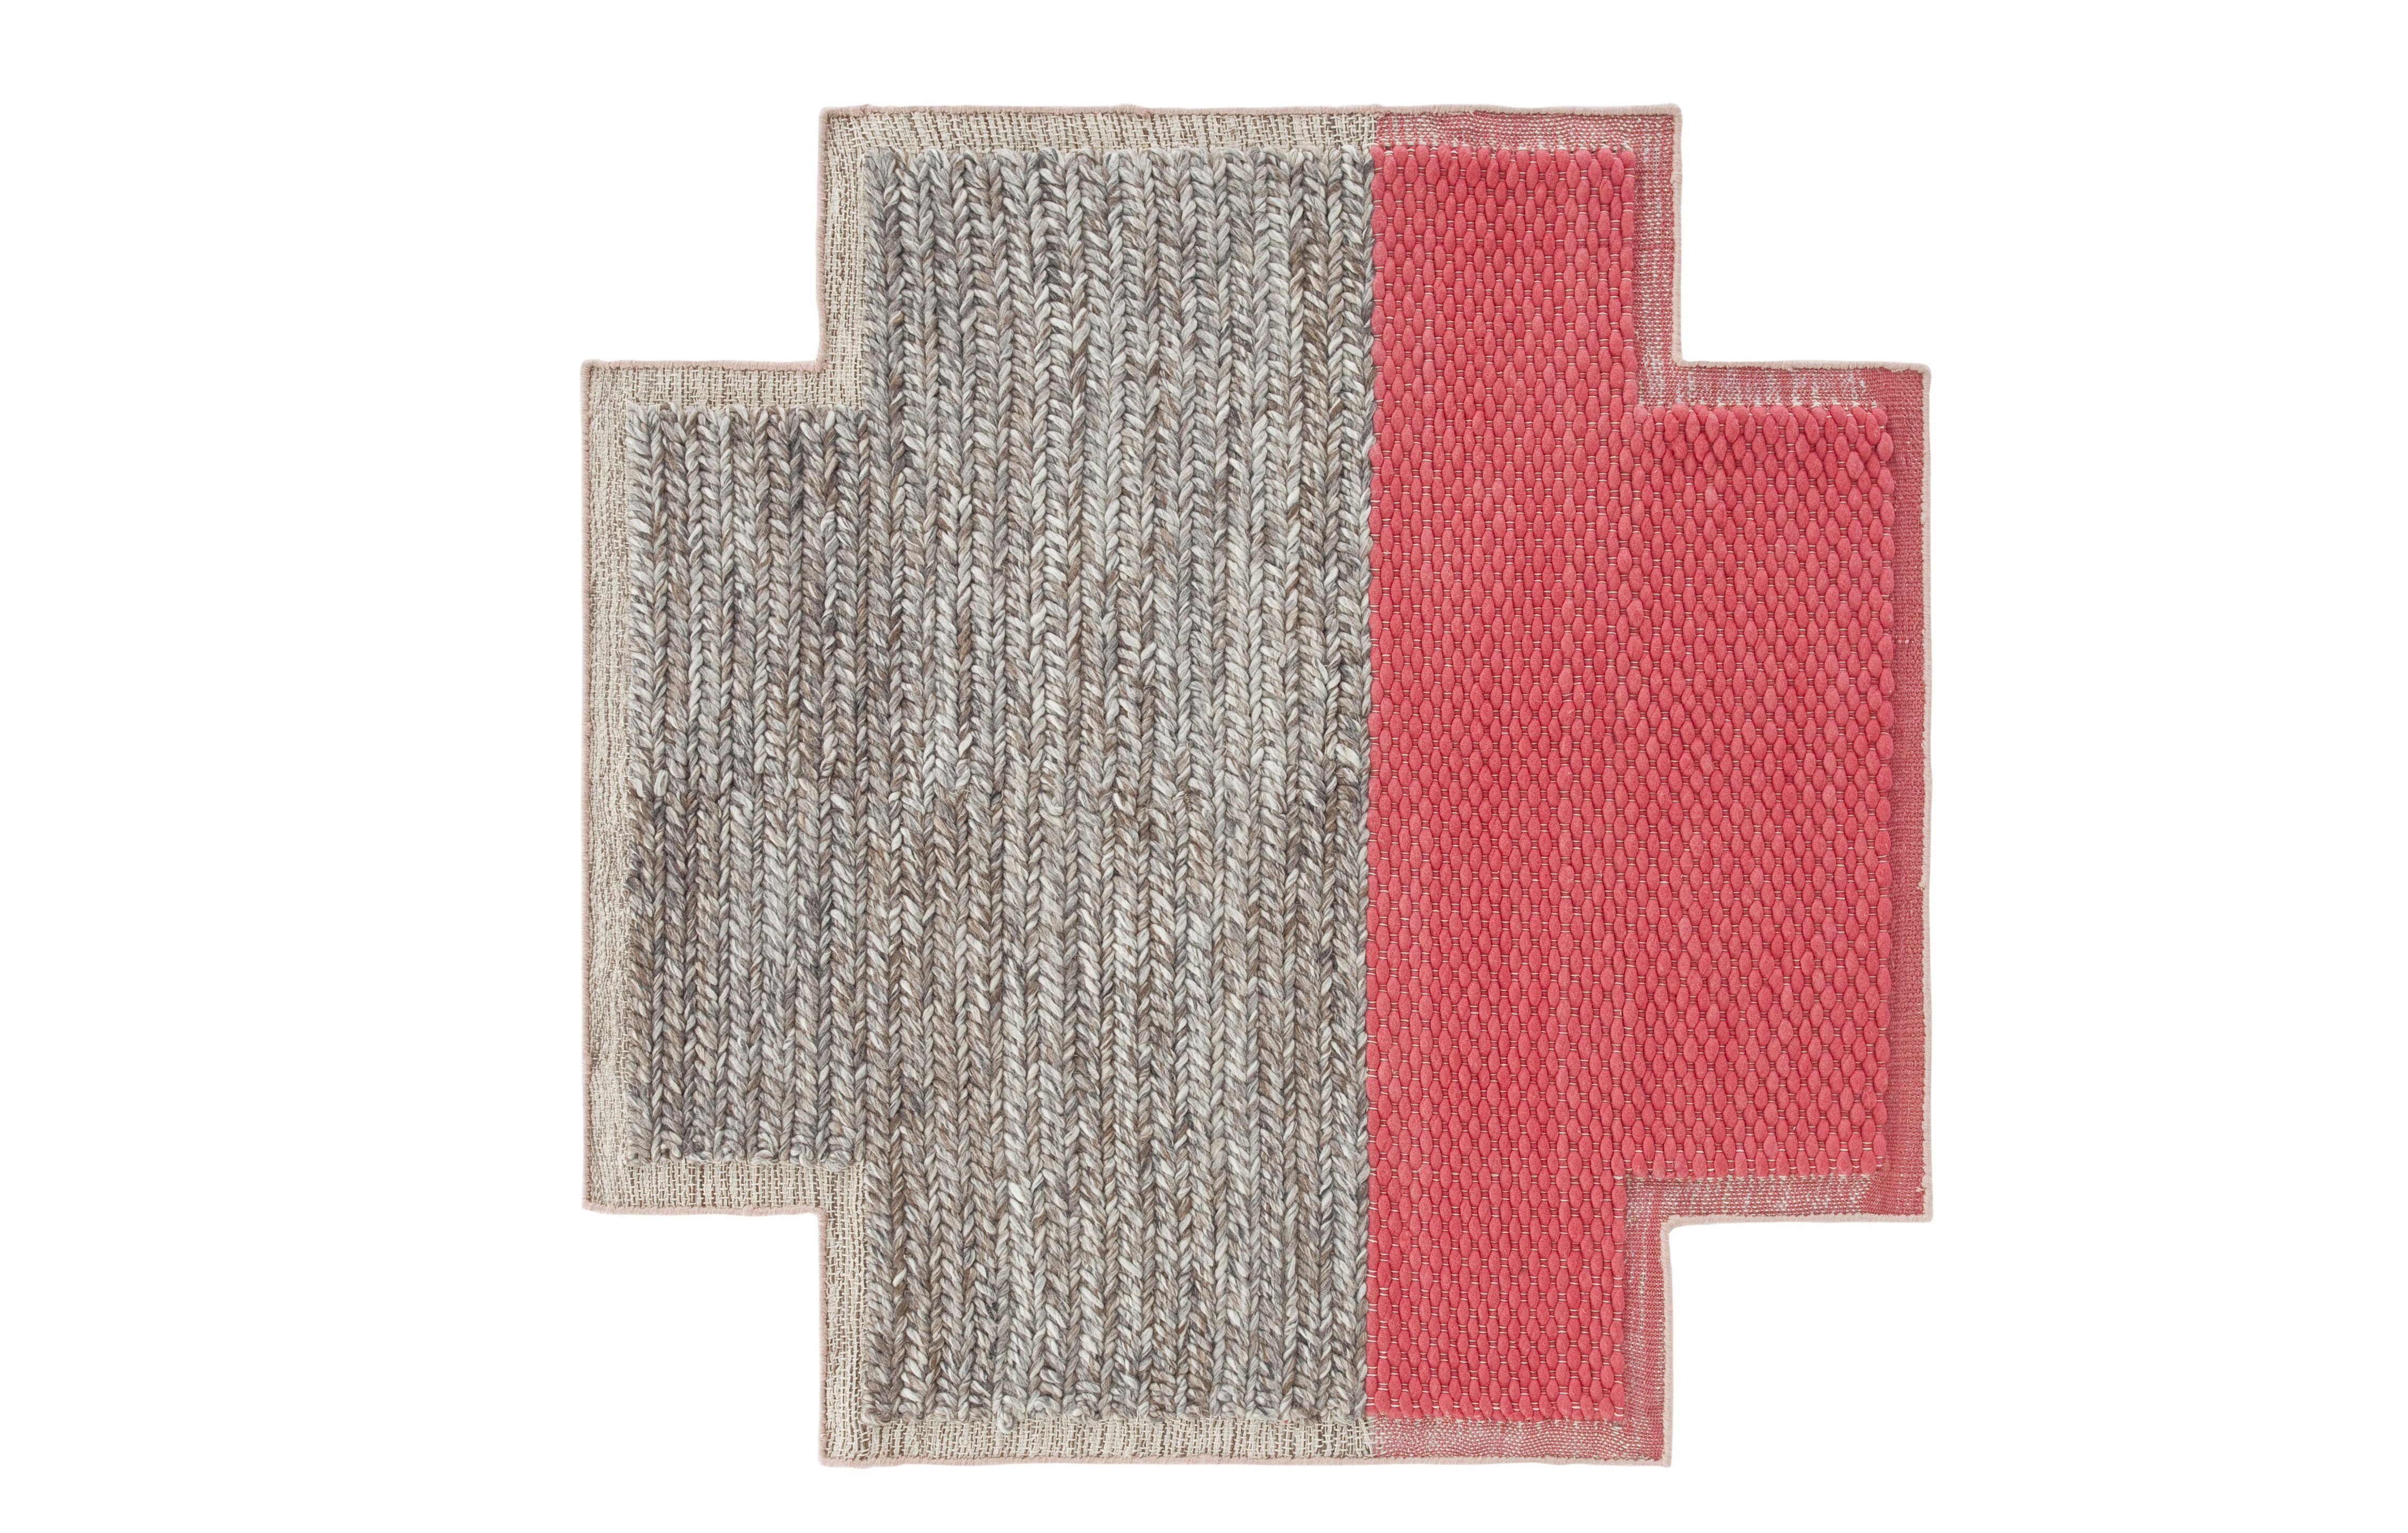 Dekoration - Teppiche - Mangas Space Plait Teppich / 160 x 160 cm - Gan - Koralle - Laine vierge